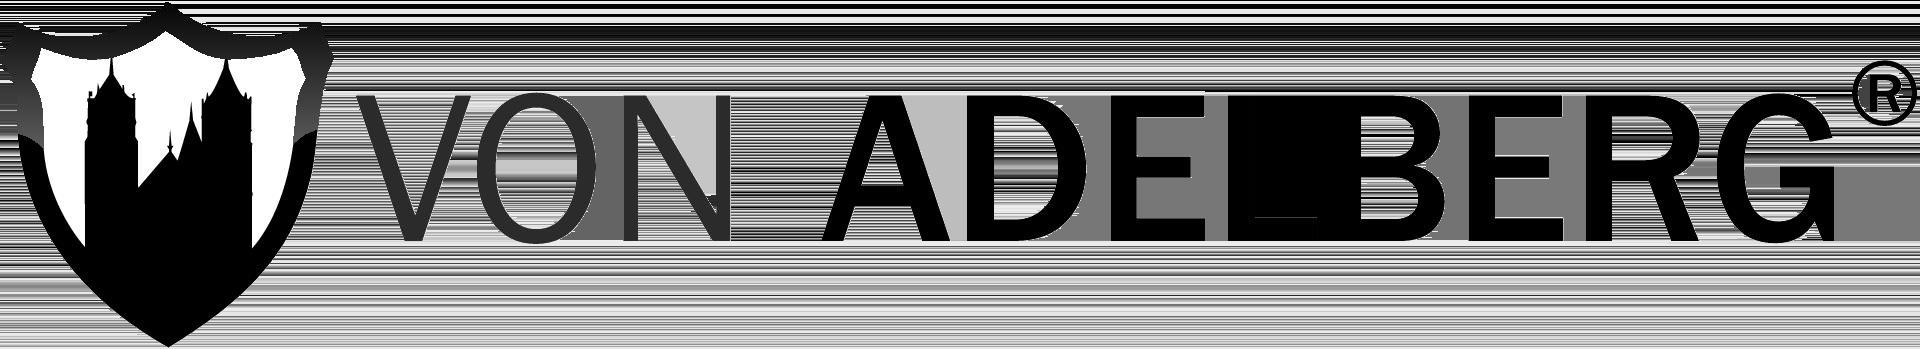 VON ADELBERG Logo